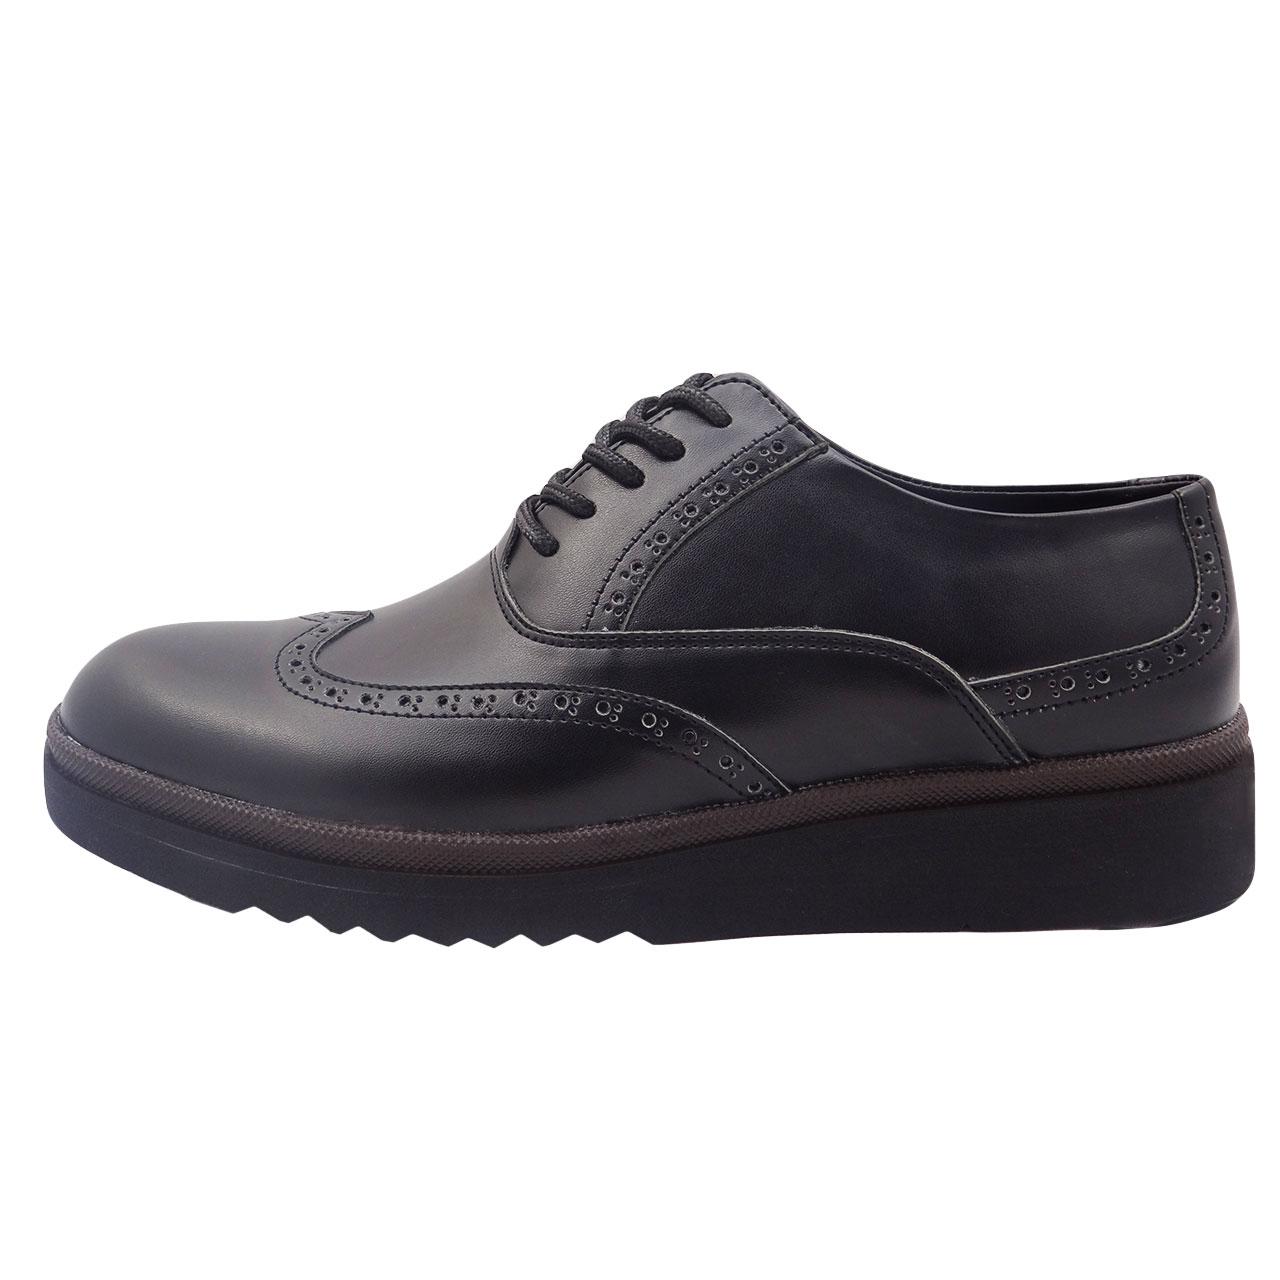 قیمت کفش چرمی مردانه طرح هشت ترک کد A4